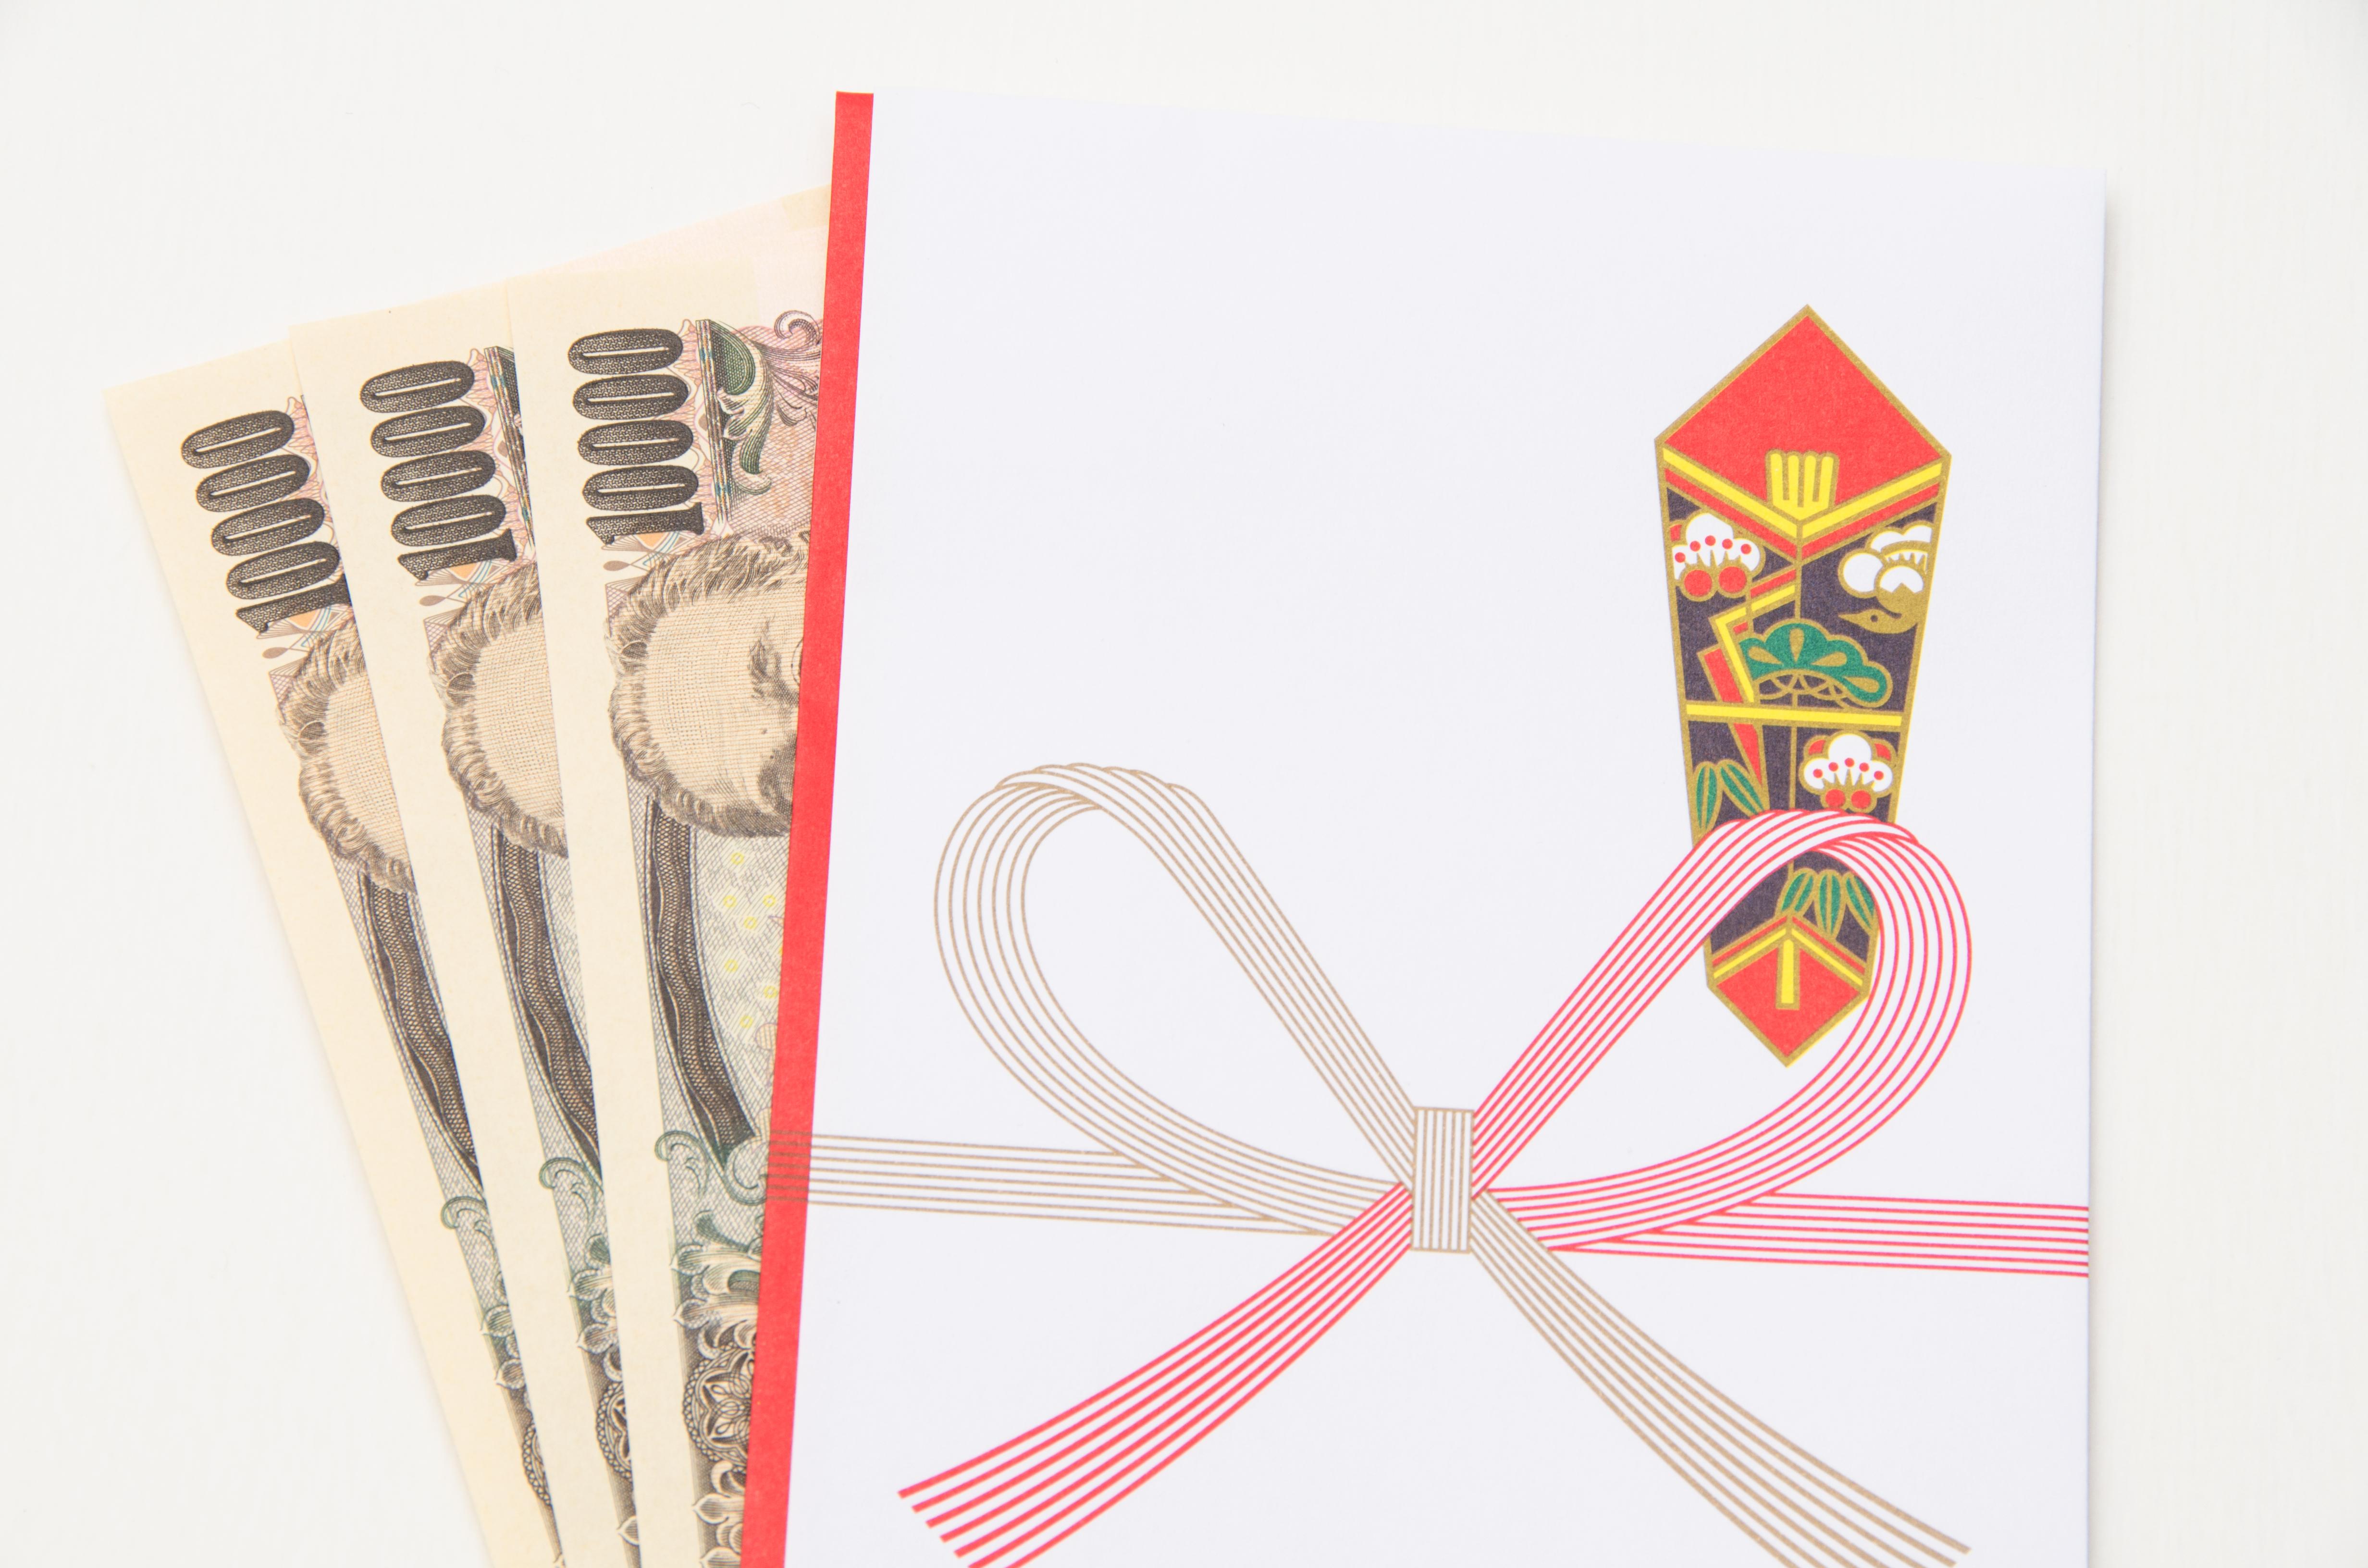 結婚式 同僚へのご祝儀はいくら?いつ渡したら良い?喜ばれる3つのプレゼントとは!